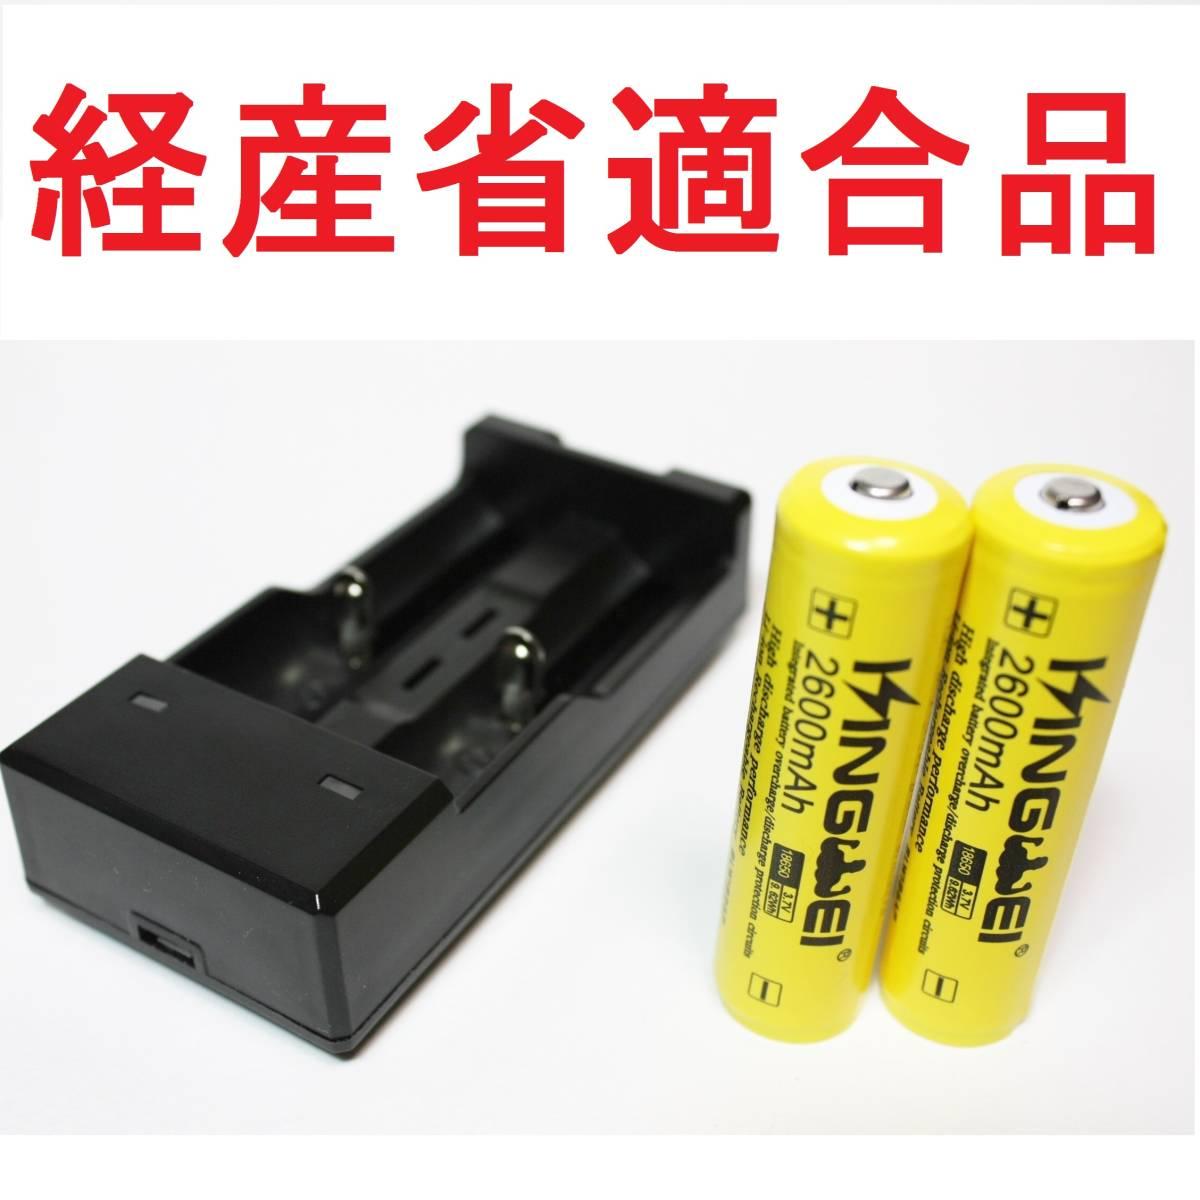 正規容量 18650 経済産業省適合品 リチウムイオン 充電池 2本 + 急速充電器 バッテリー 懐中電灯 ヘッドライト g02_画像1